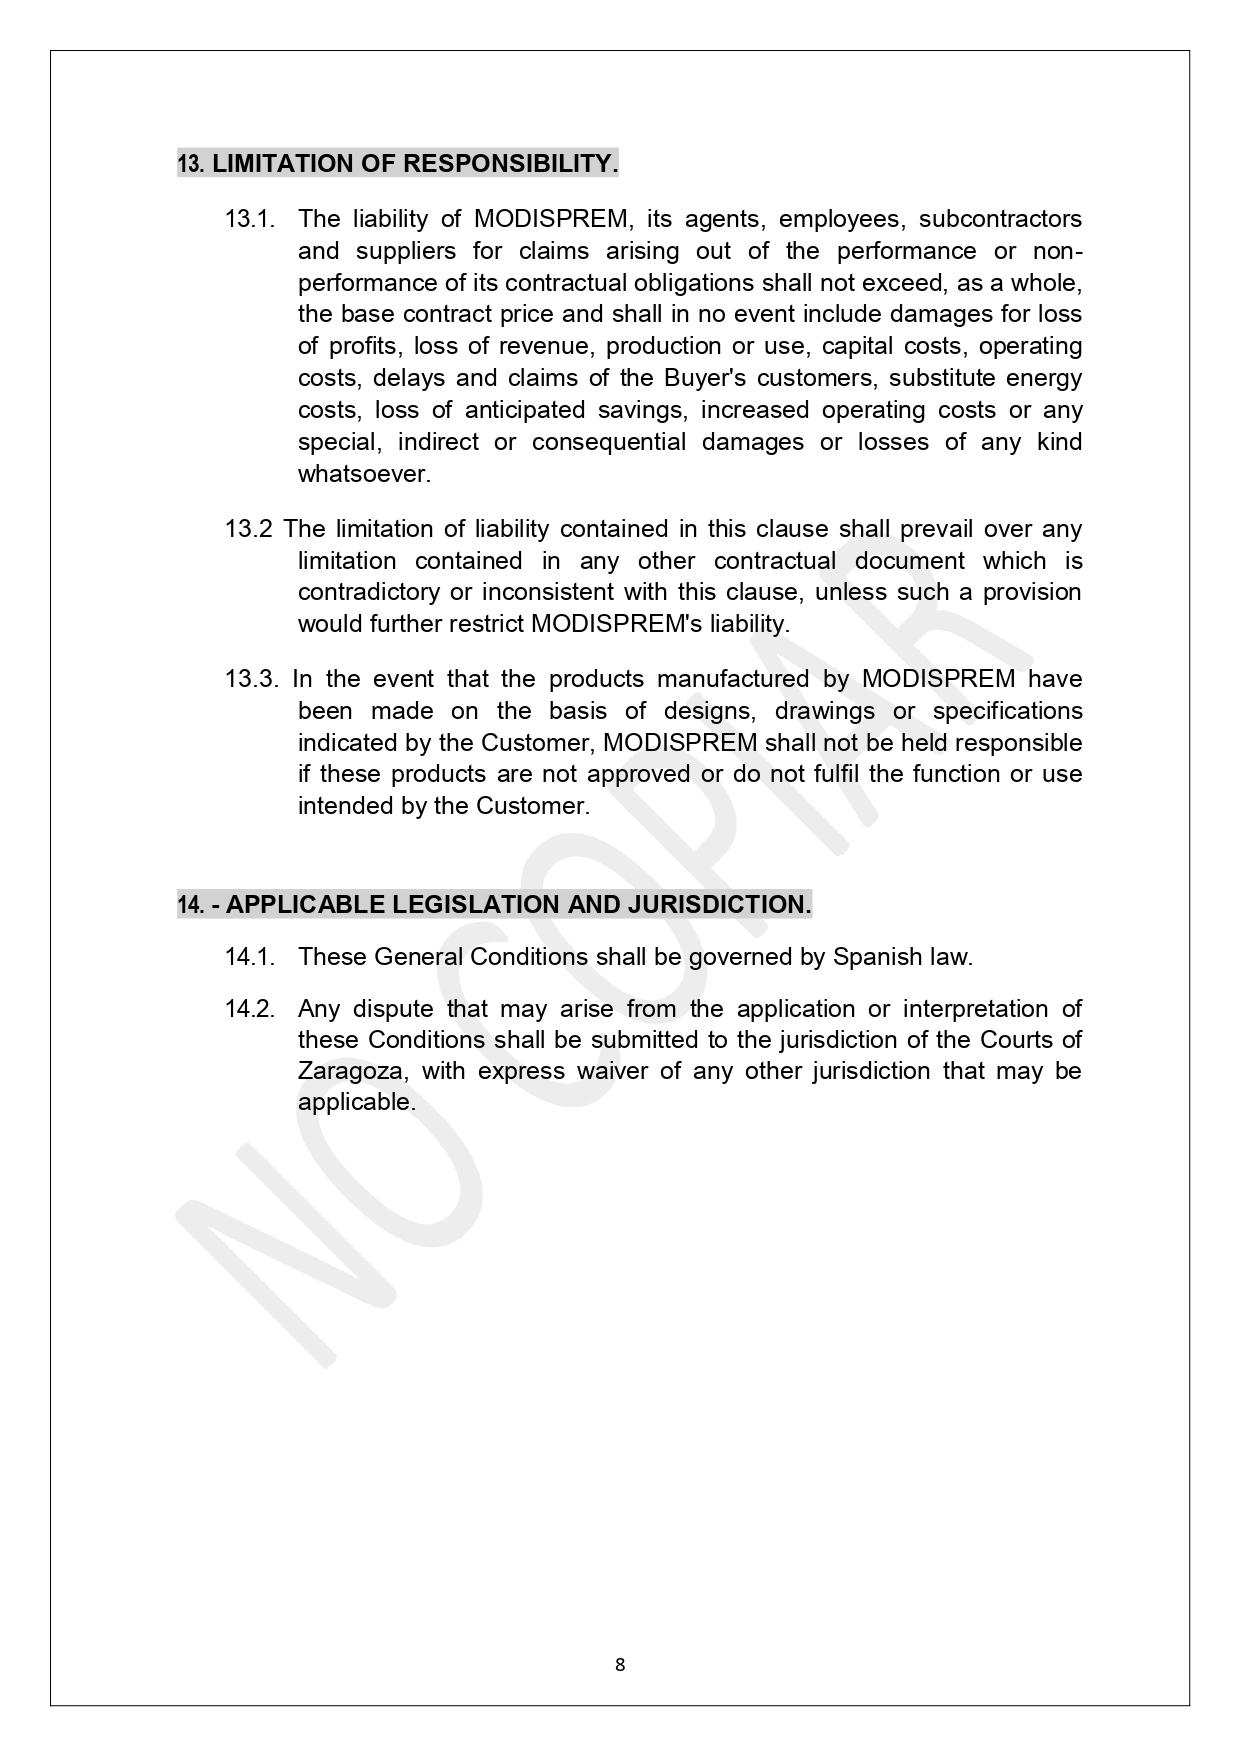 Condicions Generals de Venta EN pages to jpg 0008